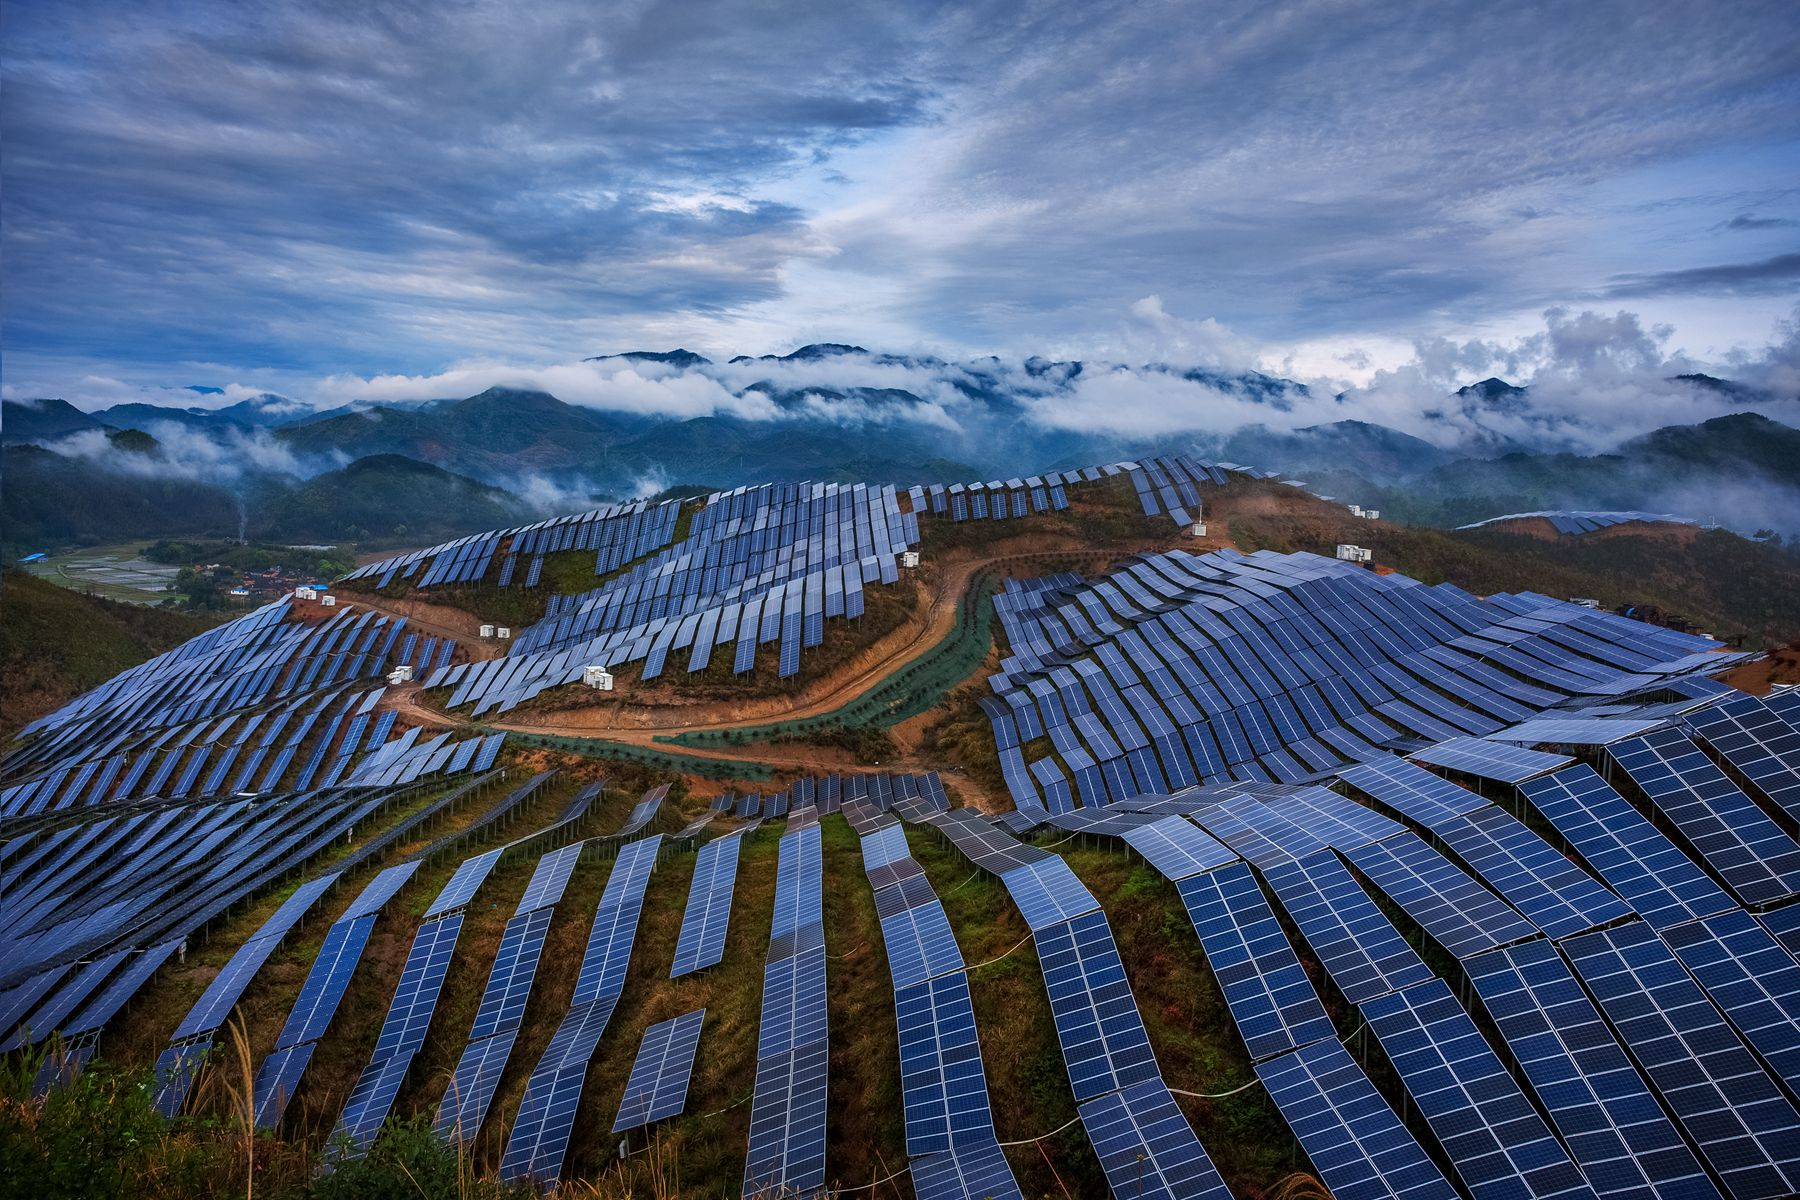 3kW光伏发电系统投资收益是多少